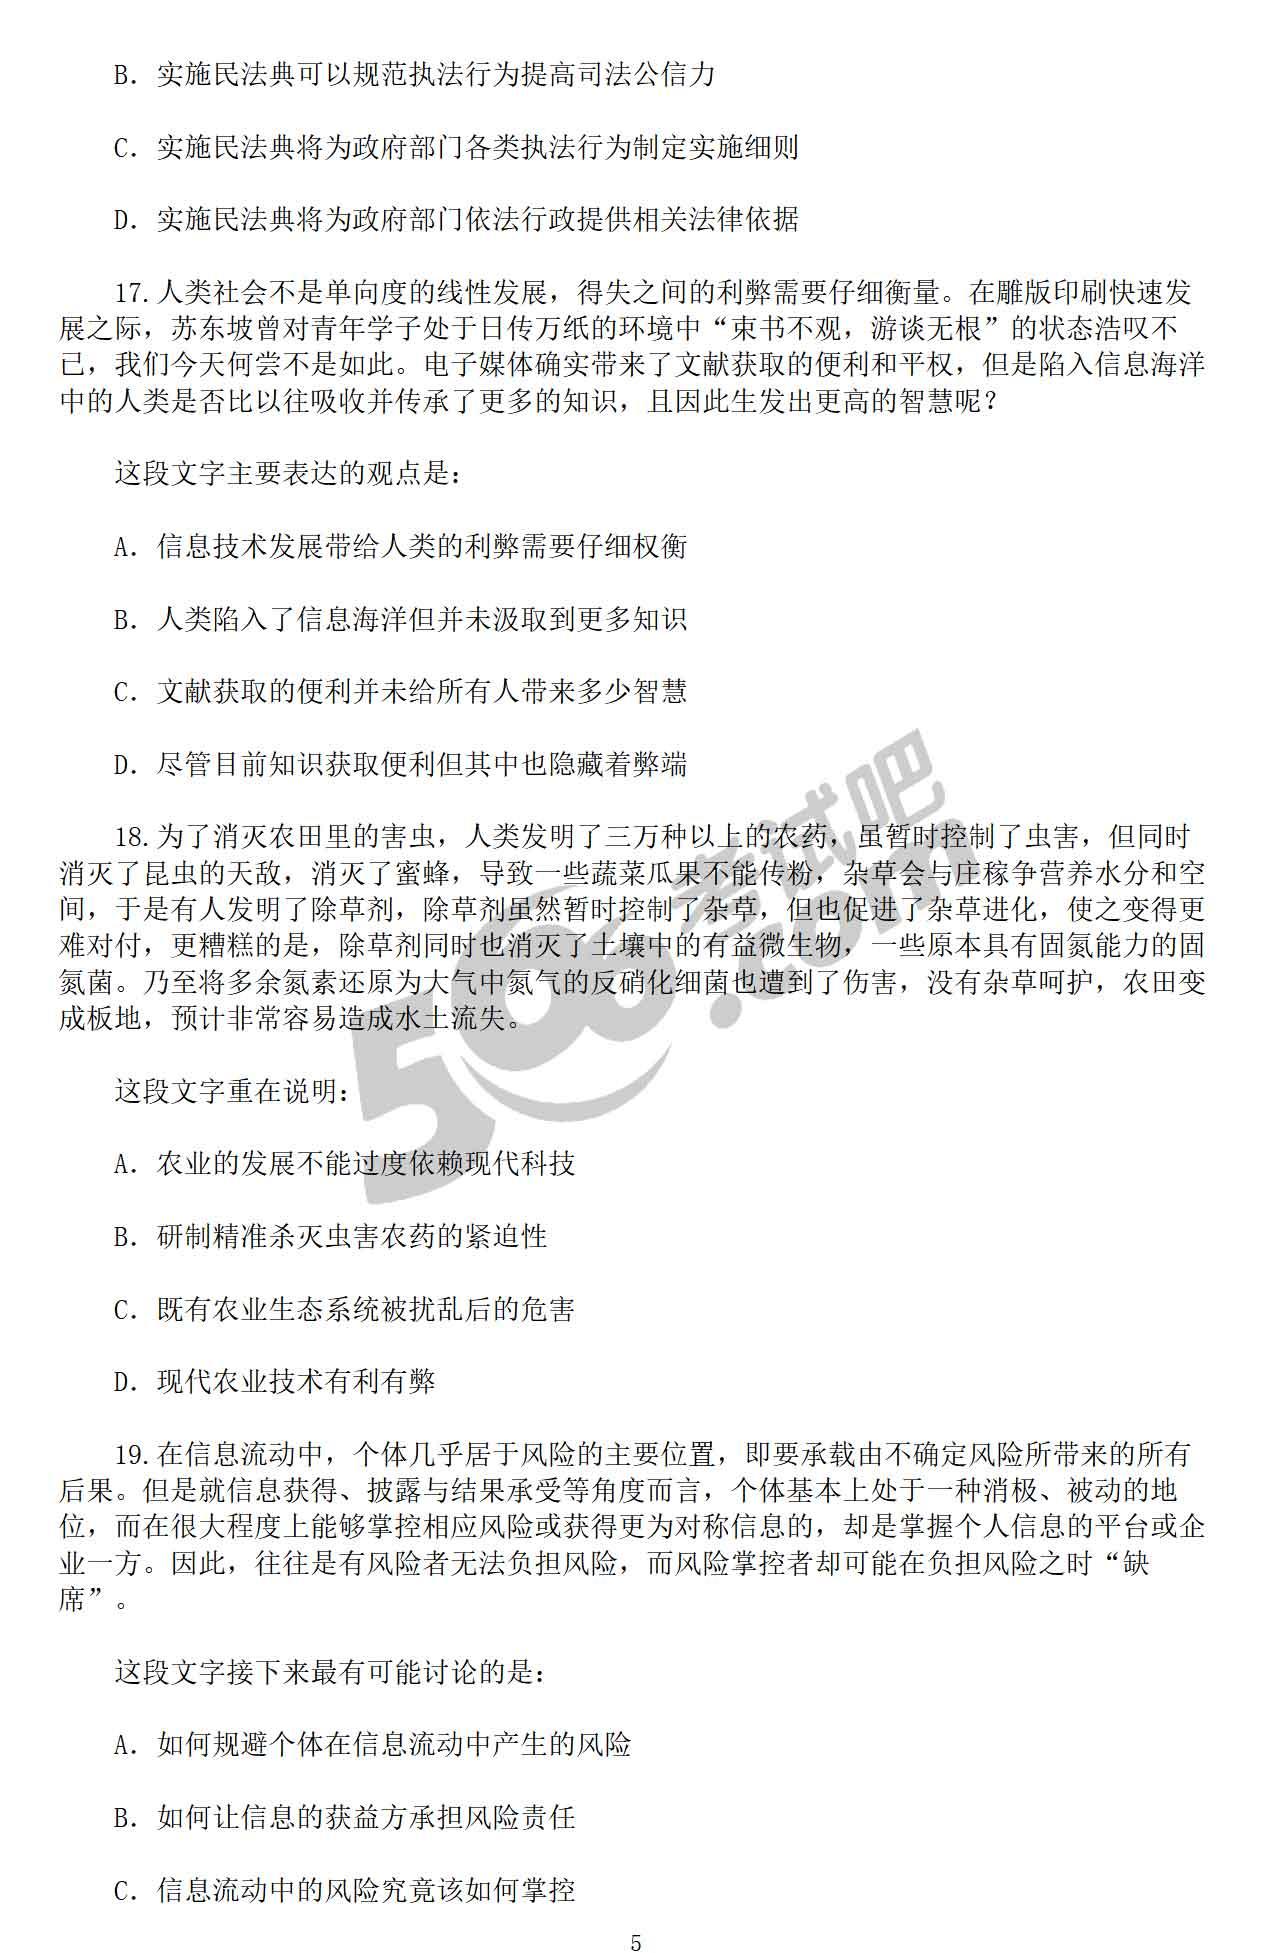 2021年江苏公务员考试行测真题已公布(B卷)